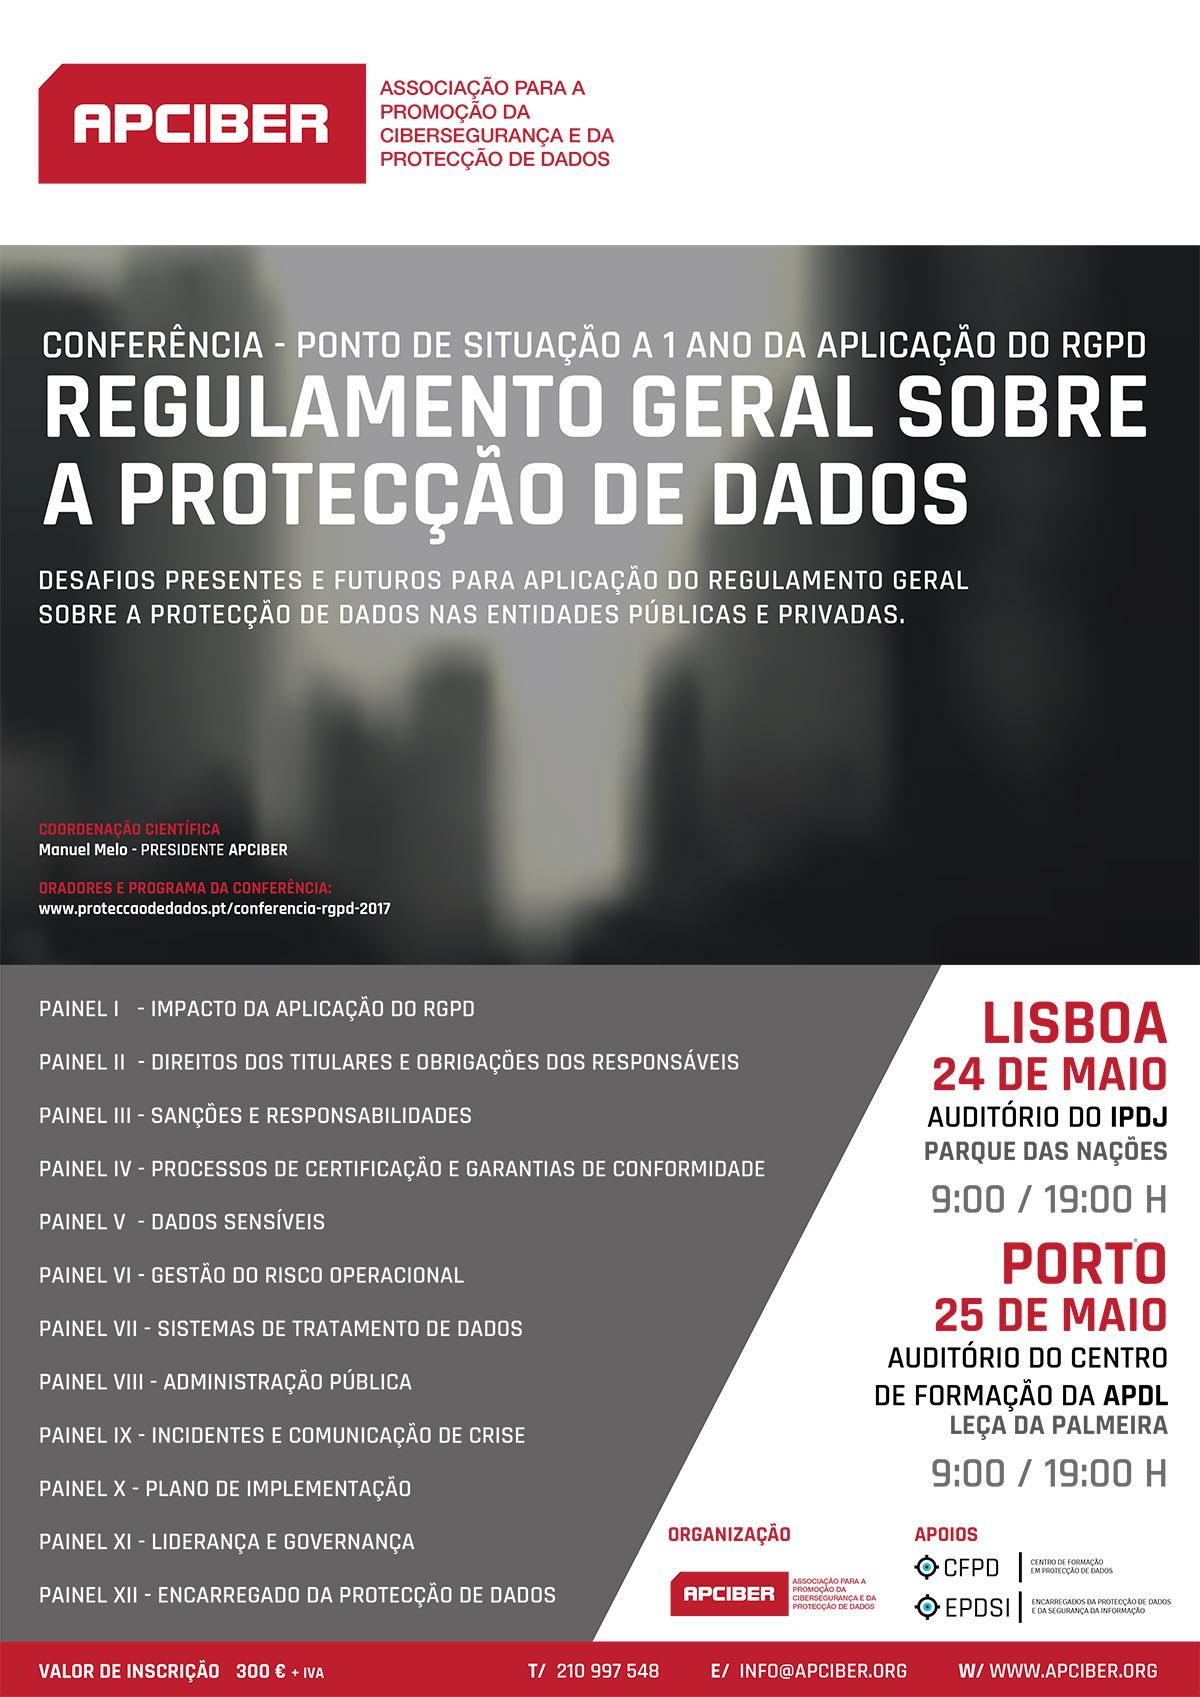 Cartaz da Conferência - Contagem Decrescente para a Aplicação do RGPD - 24 e 25 de Maio de 2017